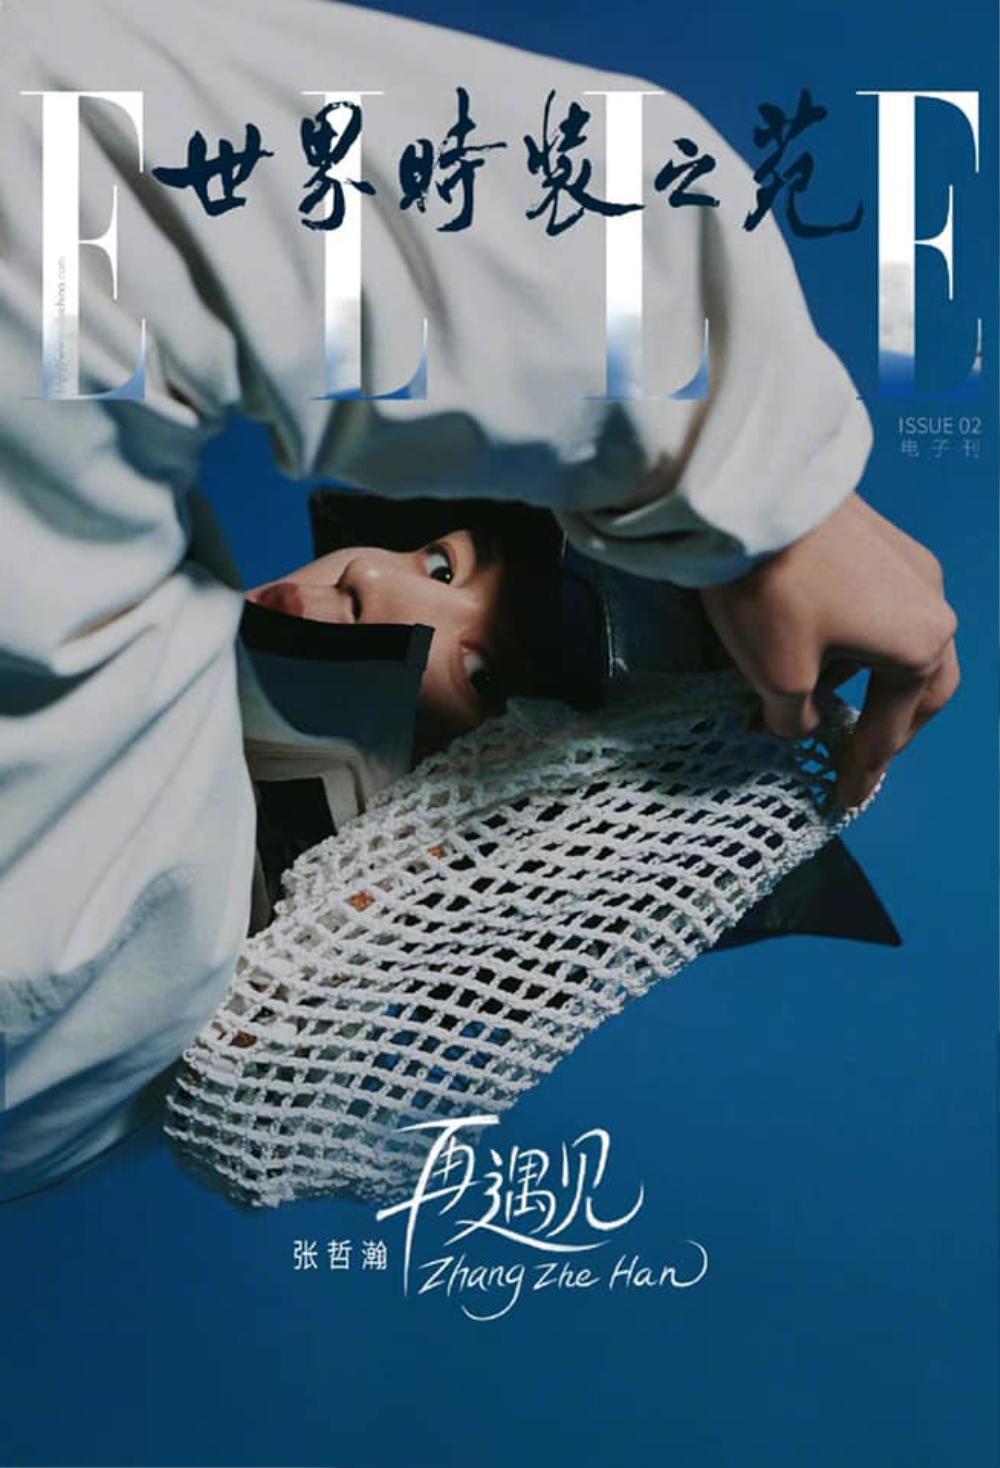 Sức hút của Trương Triết Hạn khiến trang web tạp chí bị sập hoàn toàn vì lượng fan truy cập quá đông Ảnh 5